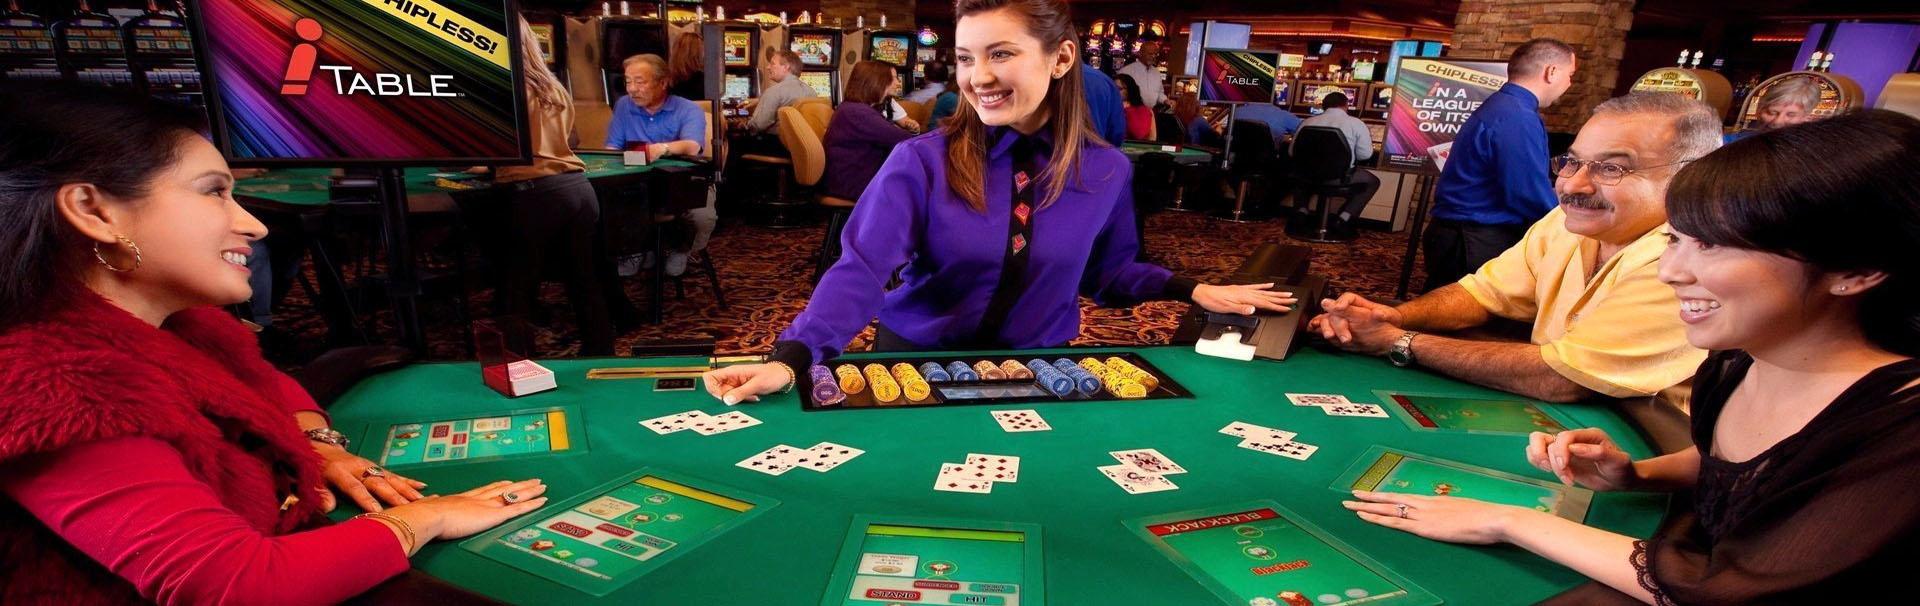 Jeux gratuits casino rouleaux